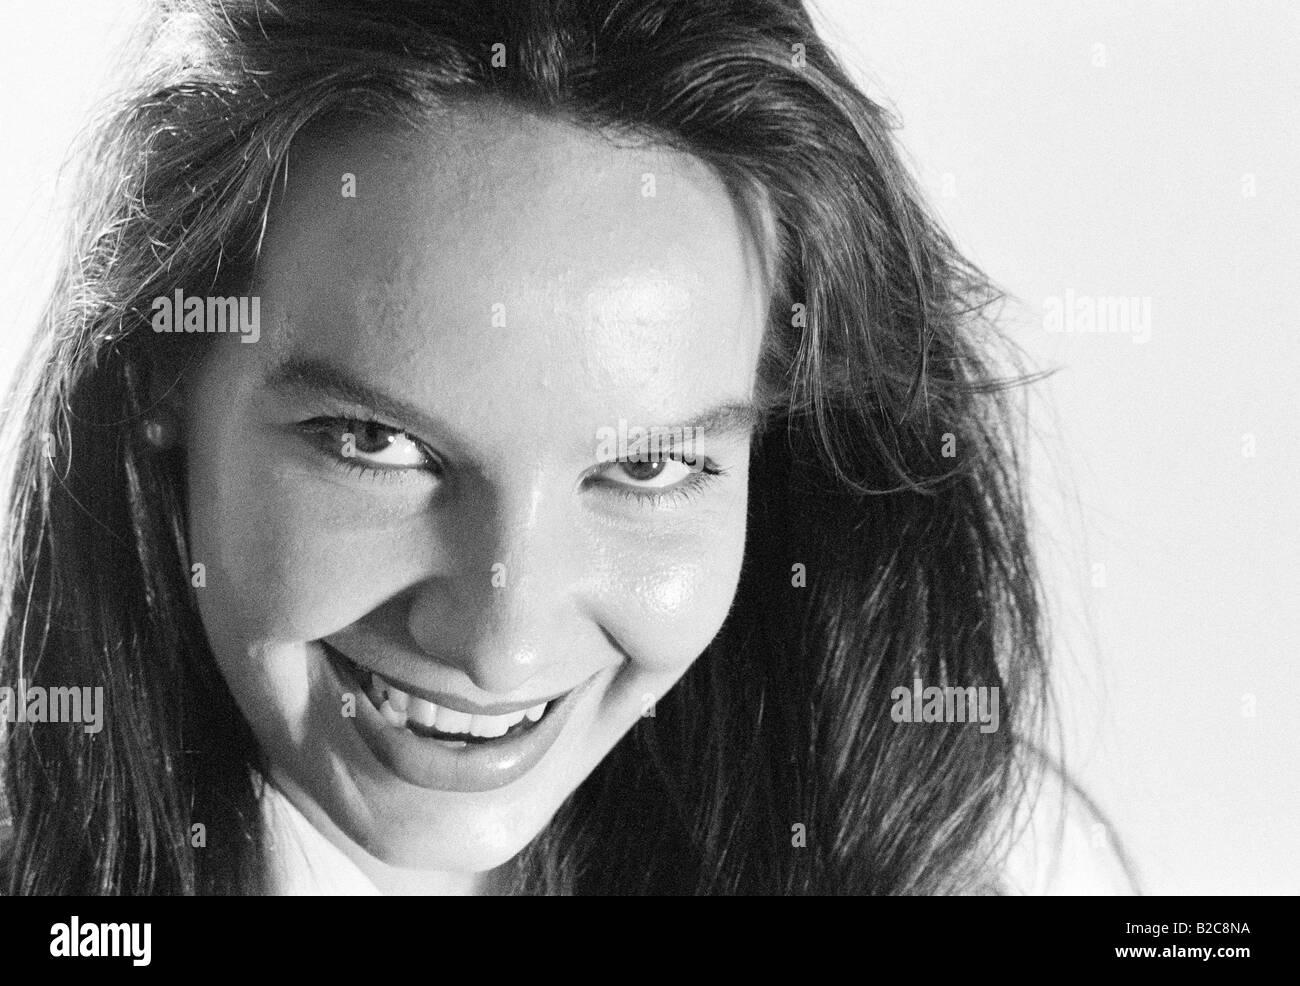 Retrato de mujer joven sonriente, mirando a la cámara. Blanco y negro. Imagen De Stock